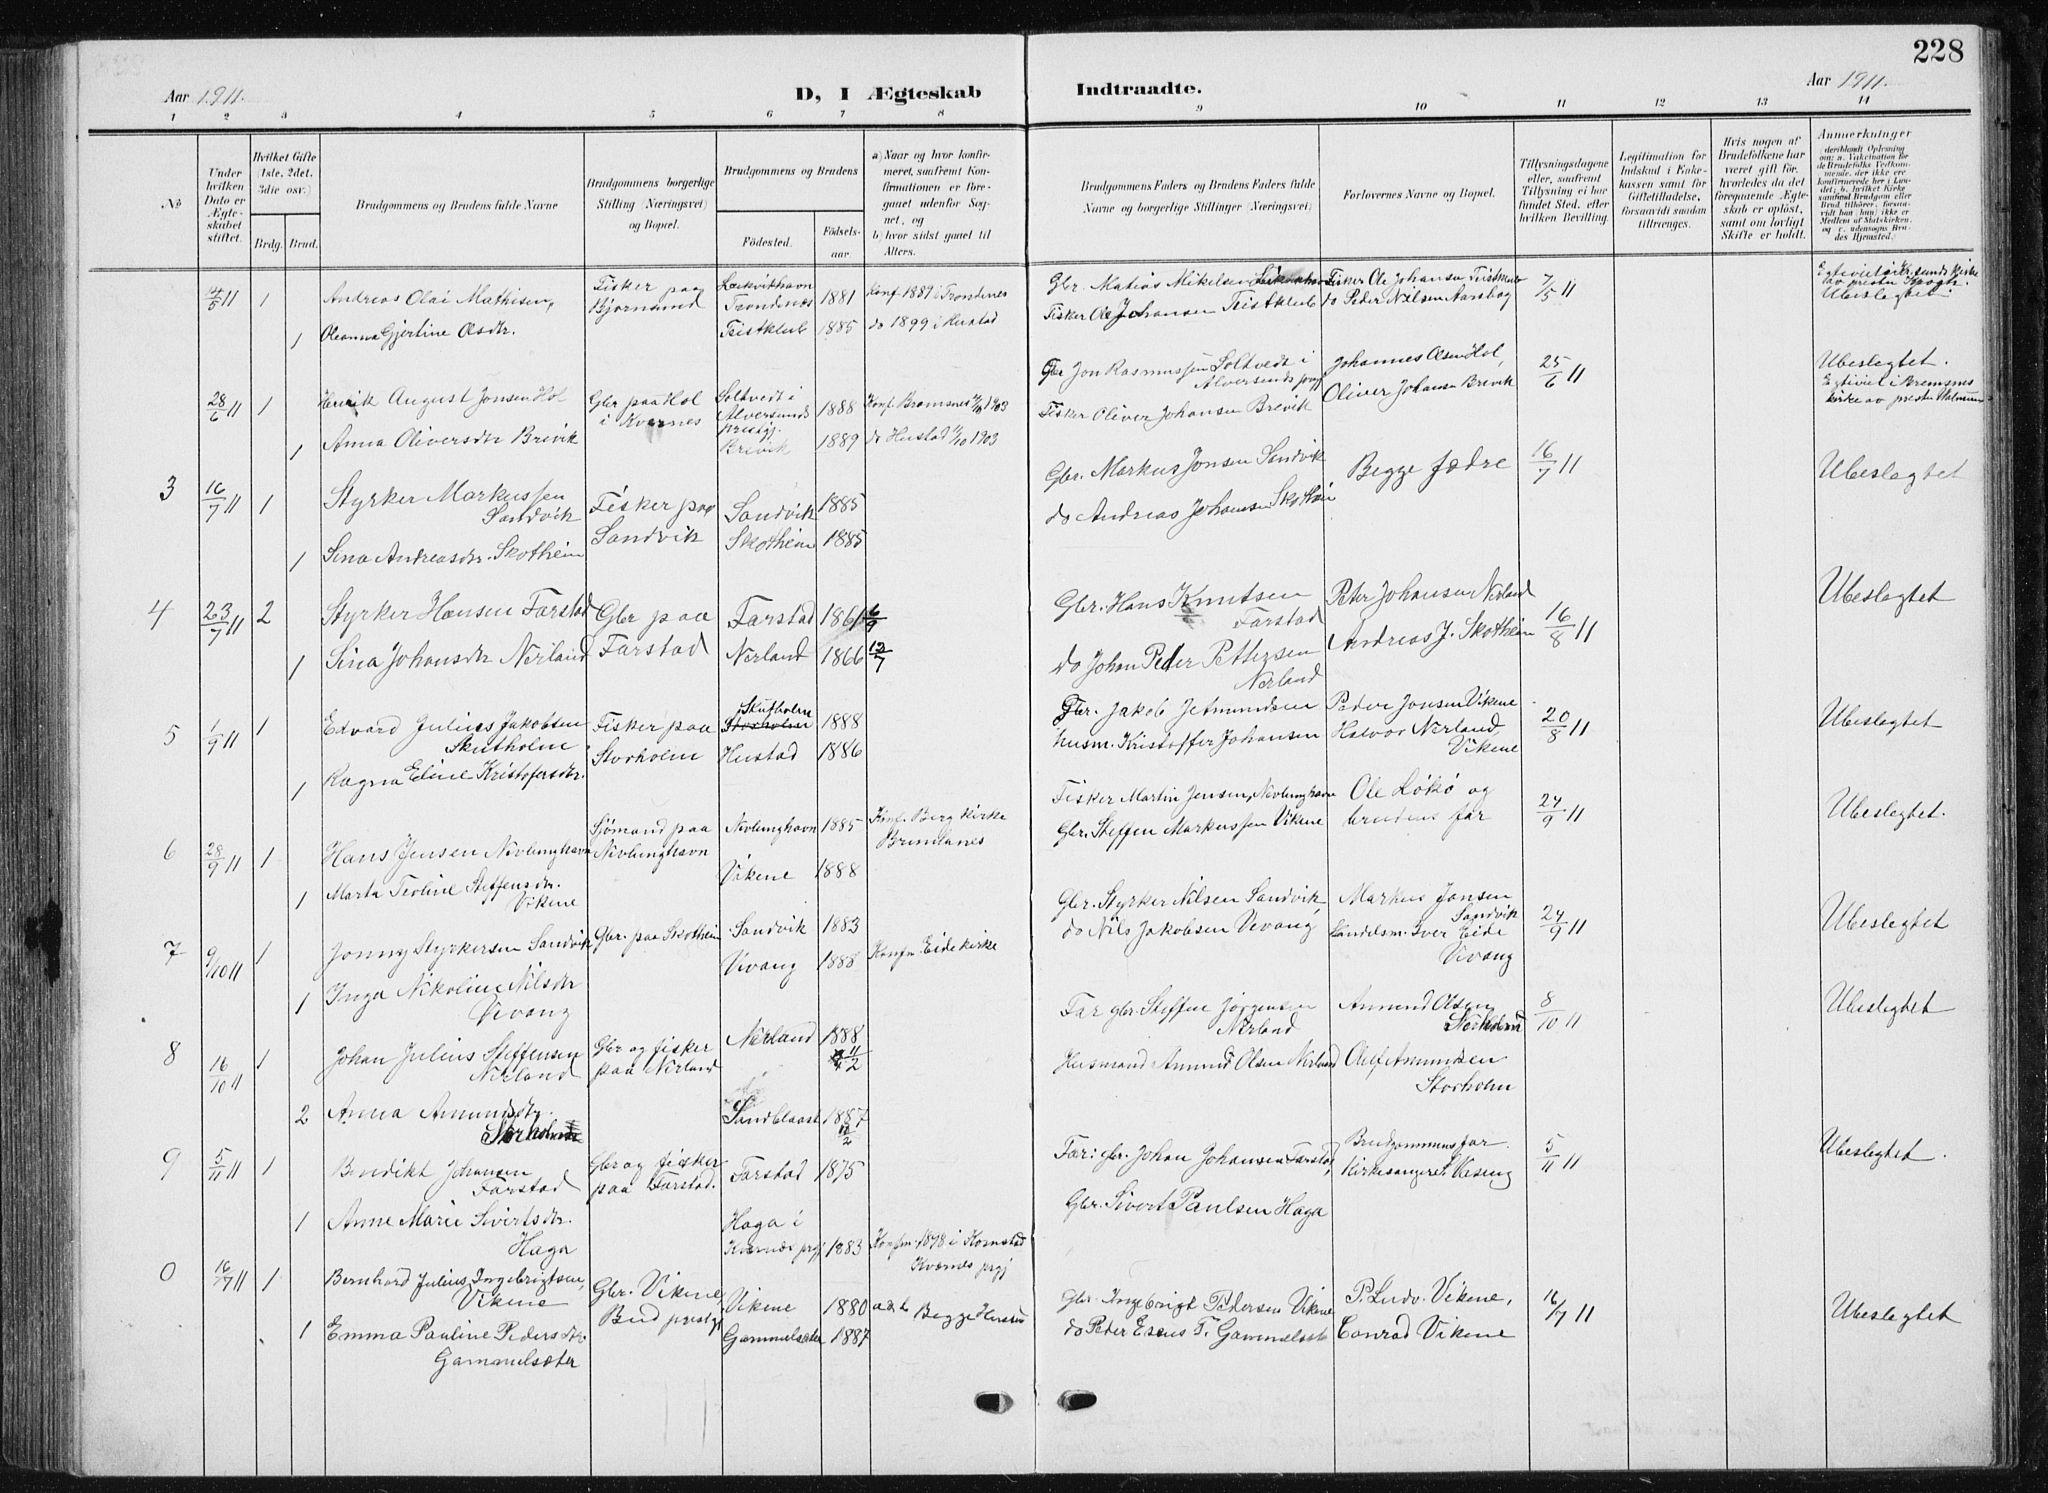 SAT, Ministerialprotokoller, klokkerbøker og fødselsregistre - Møre og Romsdal, 567/L0784: Klokkerbok nr. 567C04, 1903-1938, s. 228